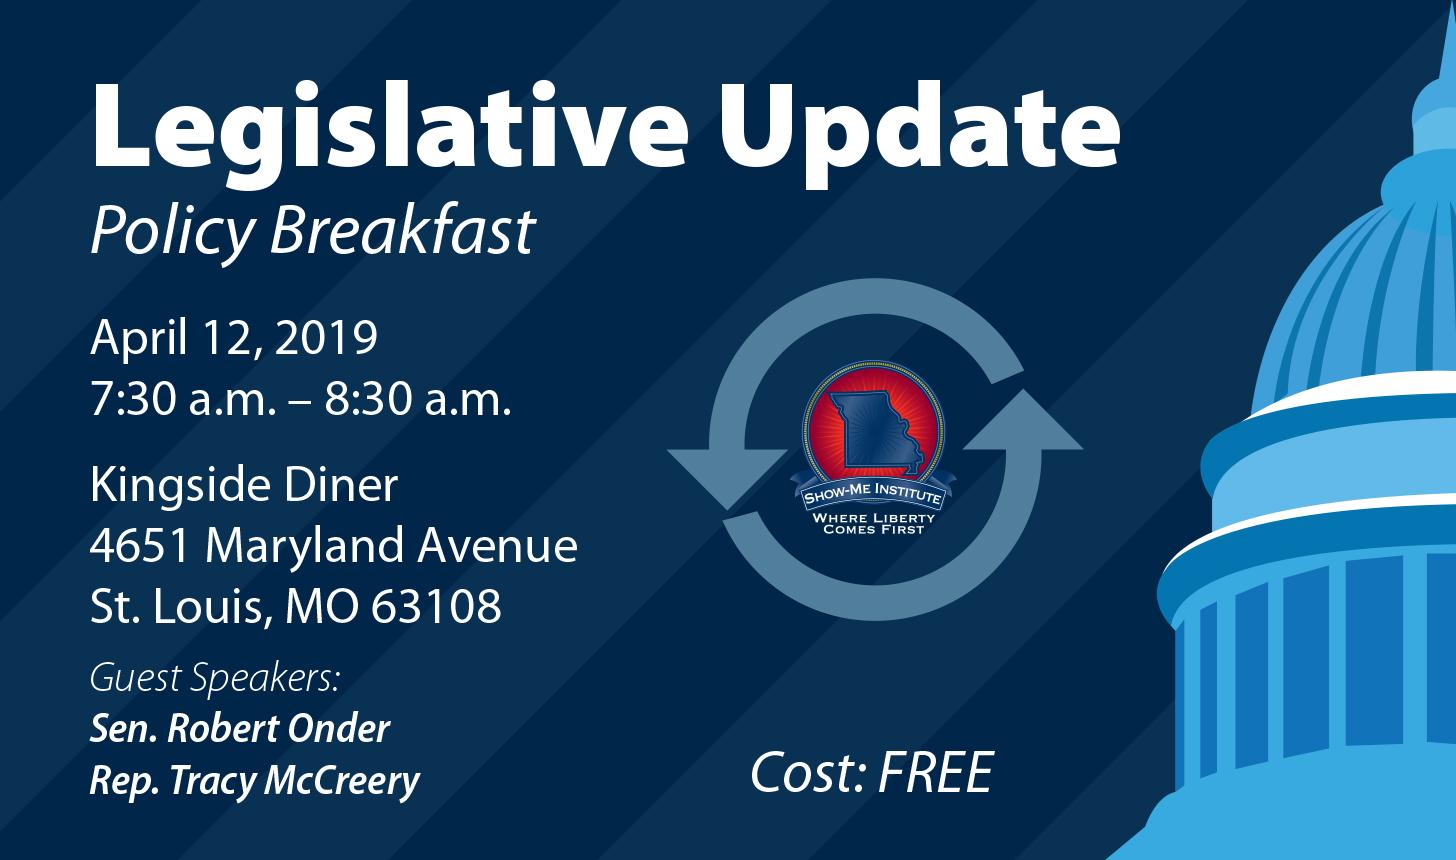 Legislative Update - St. Louis Policy Breakfast